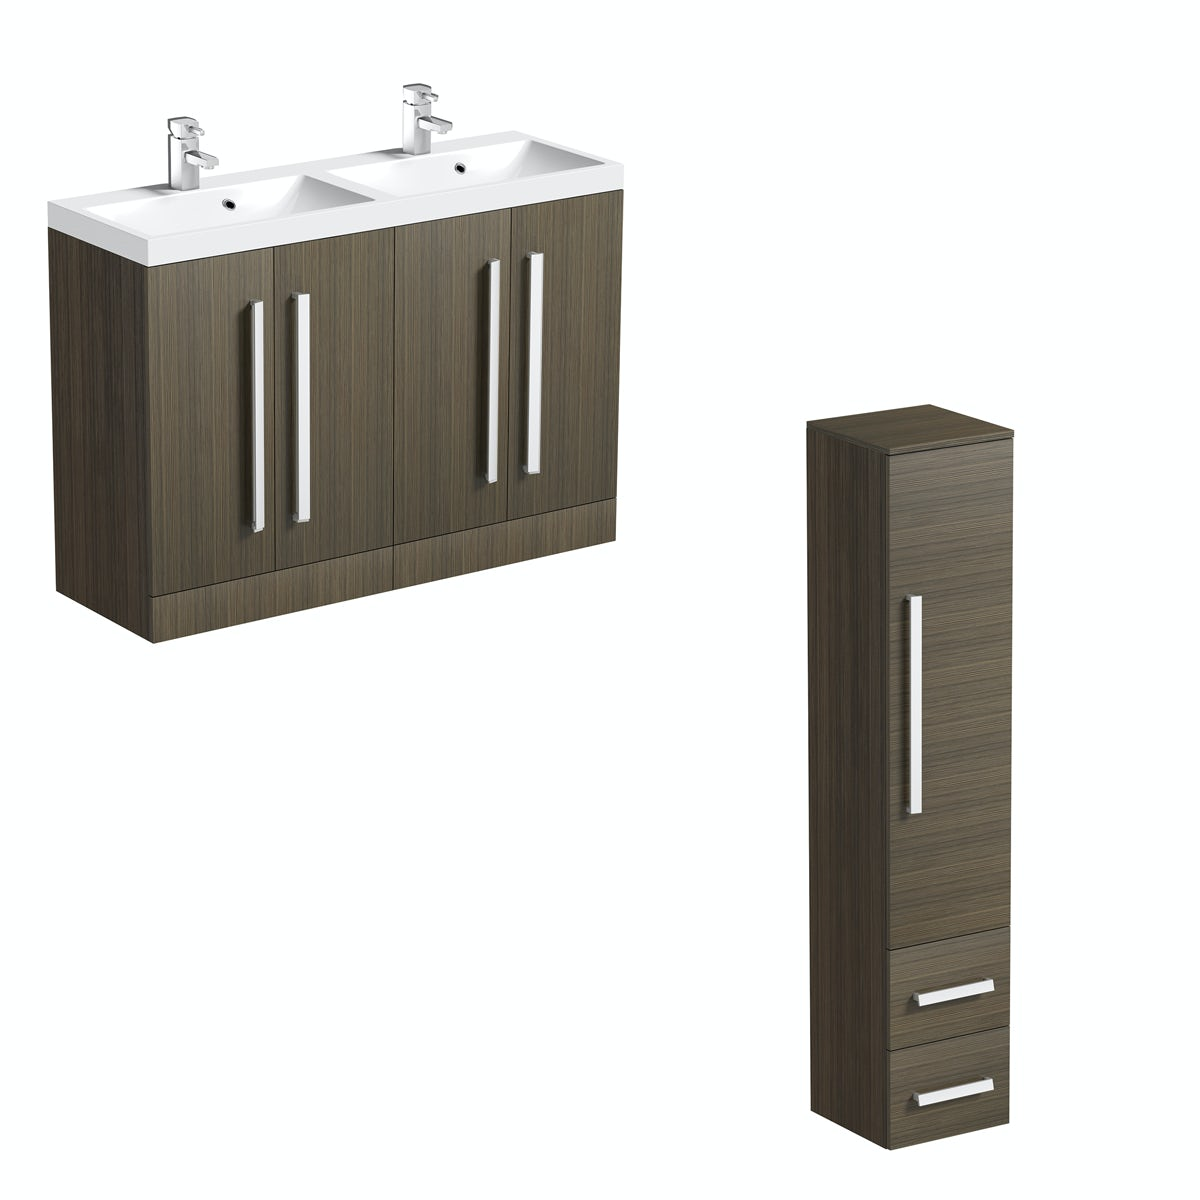 Orchard Wye walnut floorstanding double vanity unit and basin with storage unit set